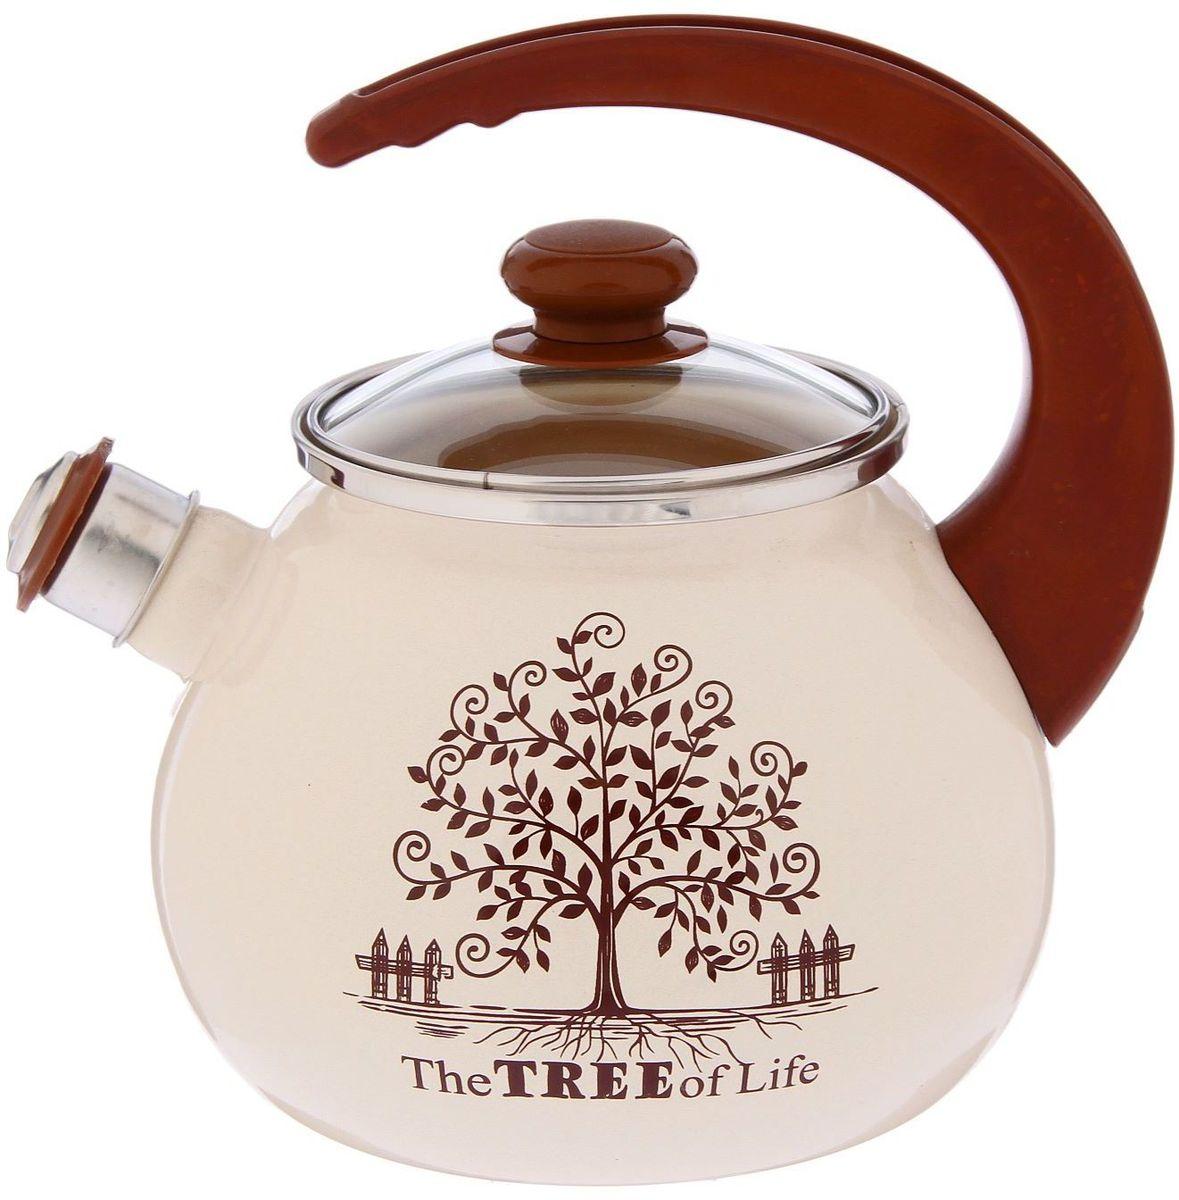 Чайник Epos Tree, 2,5 л2293406Согласитесь, и профессиональному повару, и любителю поэкспериментировать на кухне, и тому, кто к стряпанью не имеет никакого отношения, не обойтись без элементарных предметов, столовые принадлежности, аксессуары для приготовления и хранения пищи — незаменимые вещи для всех, кто хочет порадовать свою семью аппетитными блюдами. Душевная атмосфера и со вкусом накрытый стол всегда будут собирать в вашем доме близких и друзей.